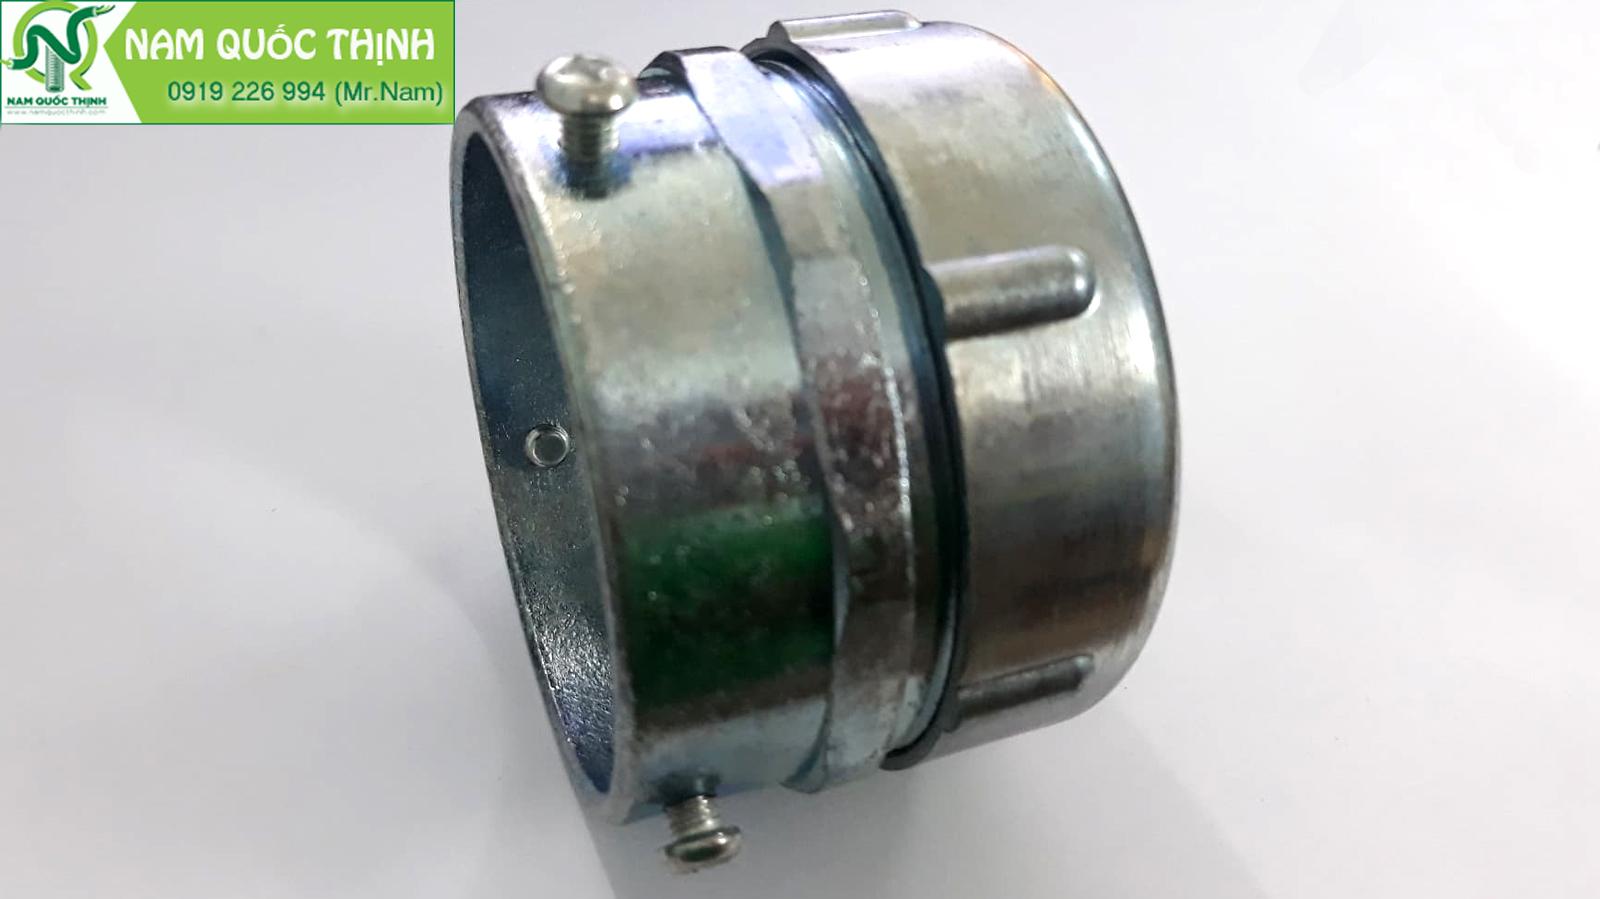 Đầu nối ống ruột gà với ống thép trơn EMT 2 inch